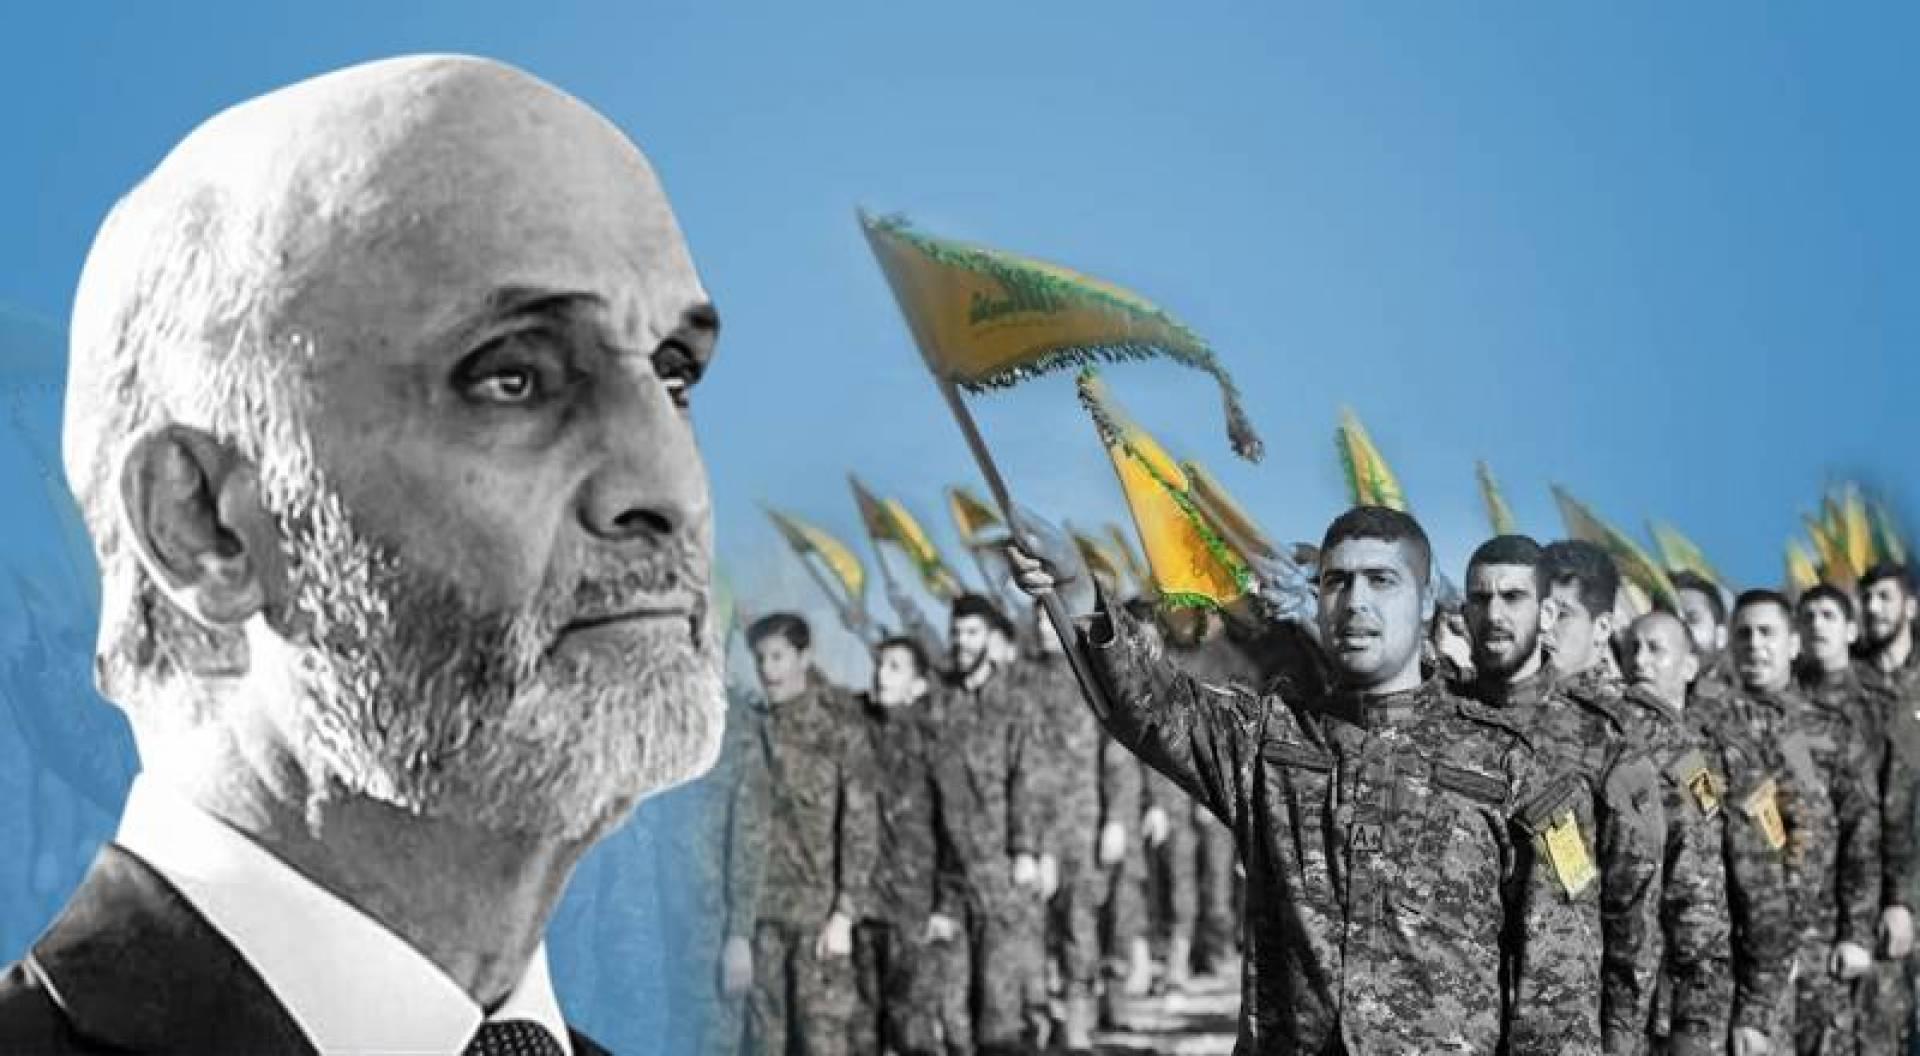 جعجع لــ«القبس»: «حزب الله» أَسَّسَ  للقطيعة مع العرب